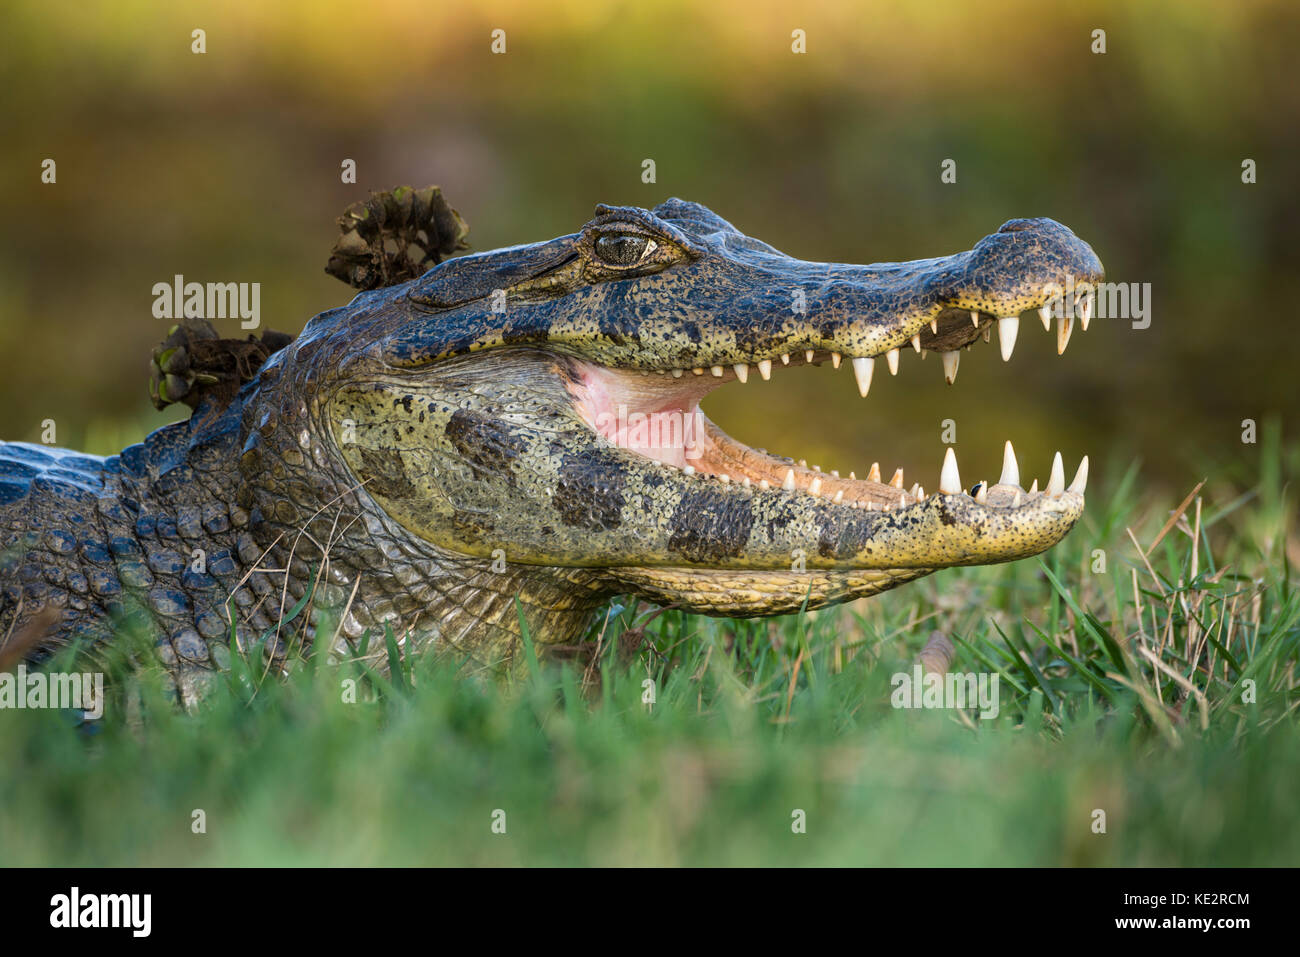 A Pantanal Caiman (Caiman yacare) - Stock Image